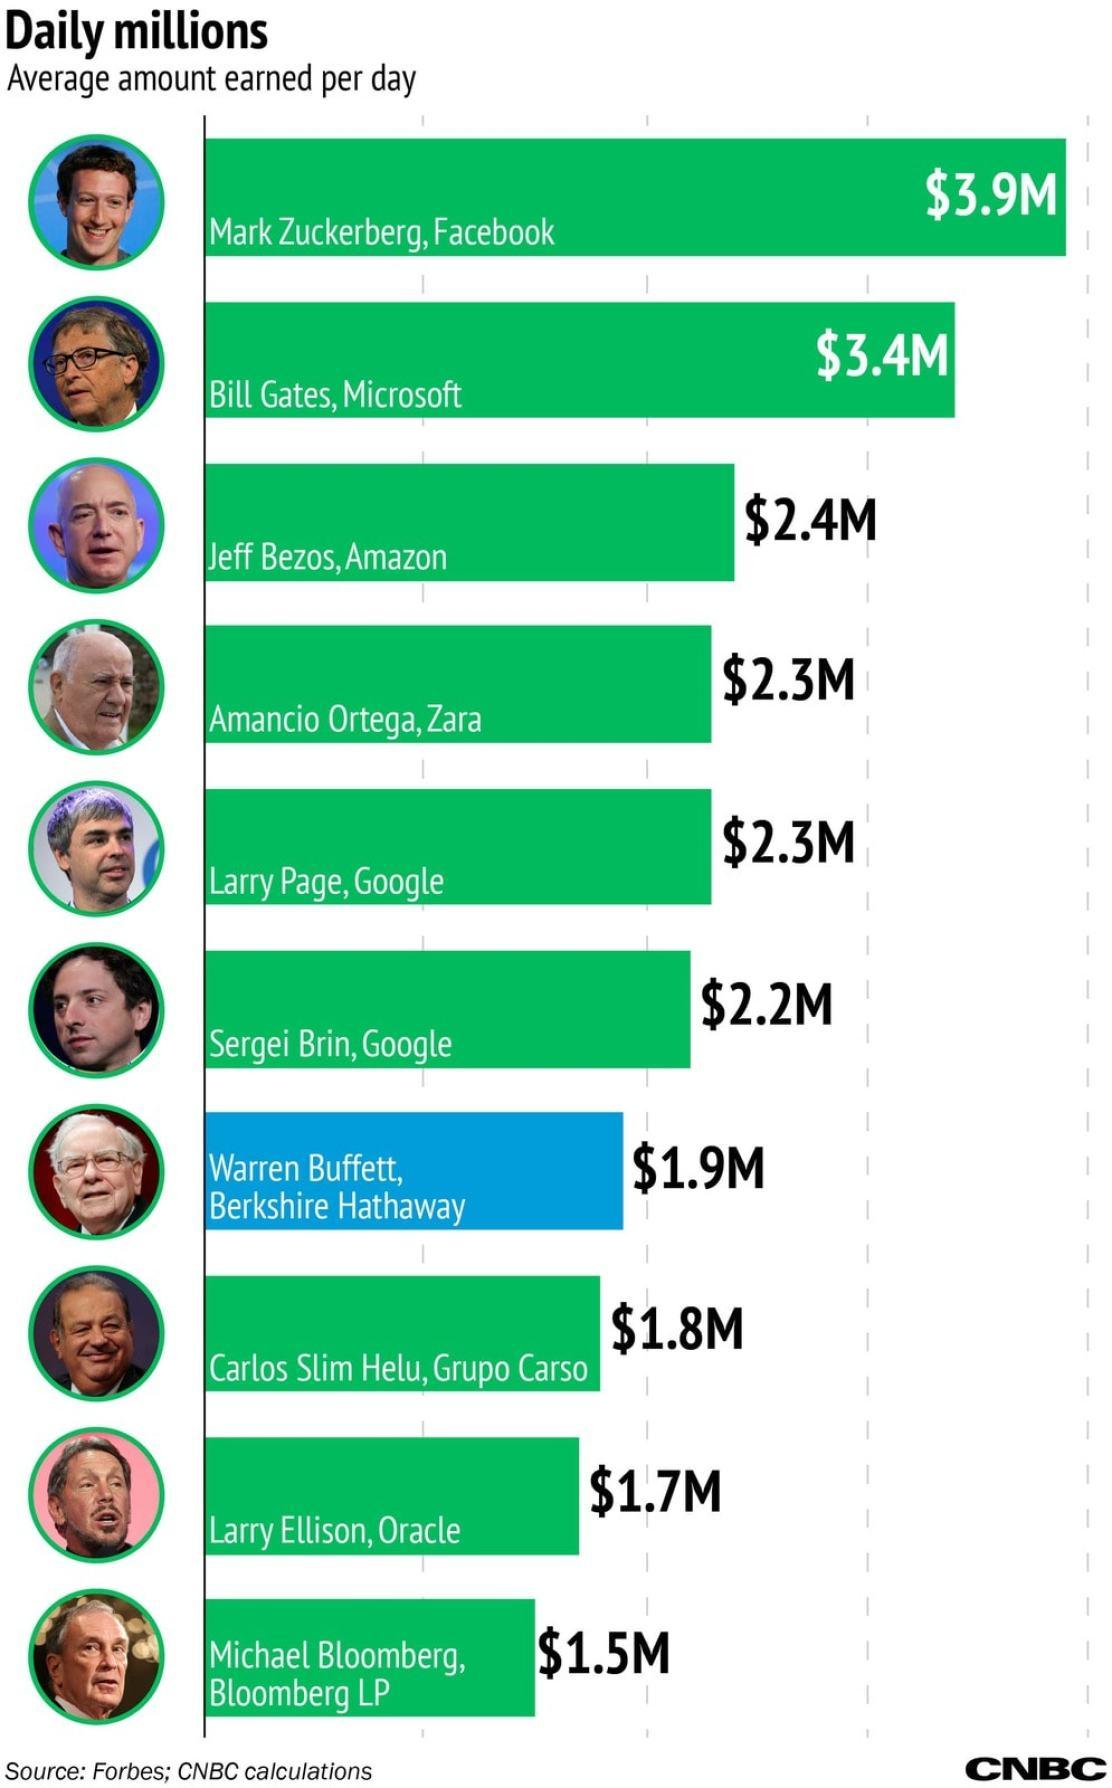 Warren Buffett Ha Hecho $2 MILLONES Por ¡Cada Día De Su Vida!